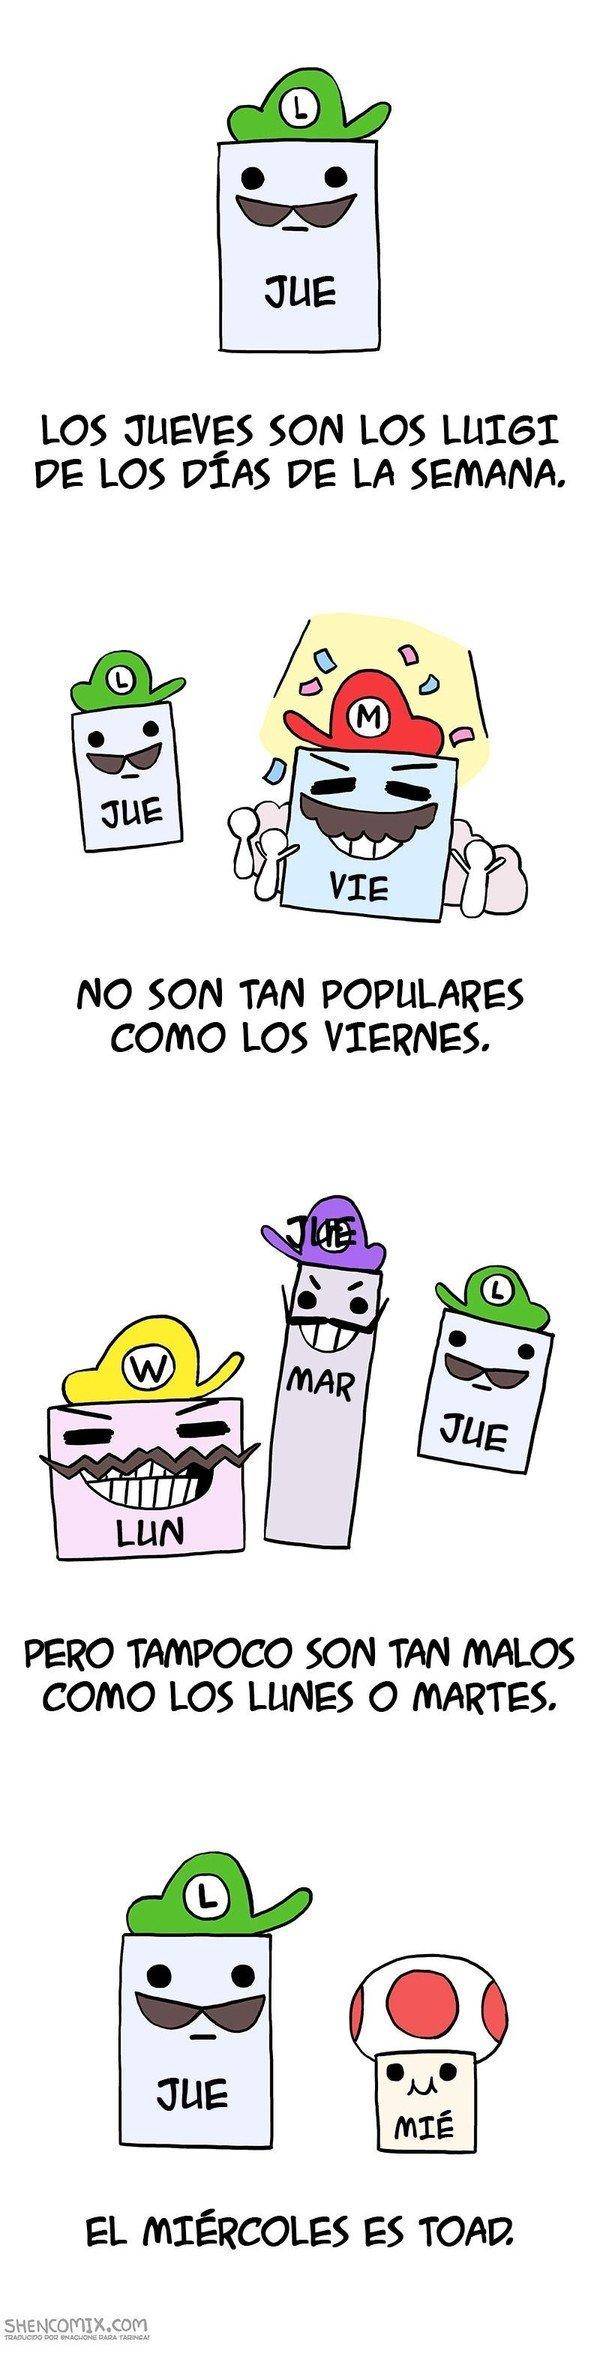 Meme_otros - Los días de la semana explicados con personajes de Nintendo